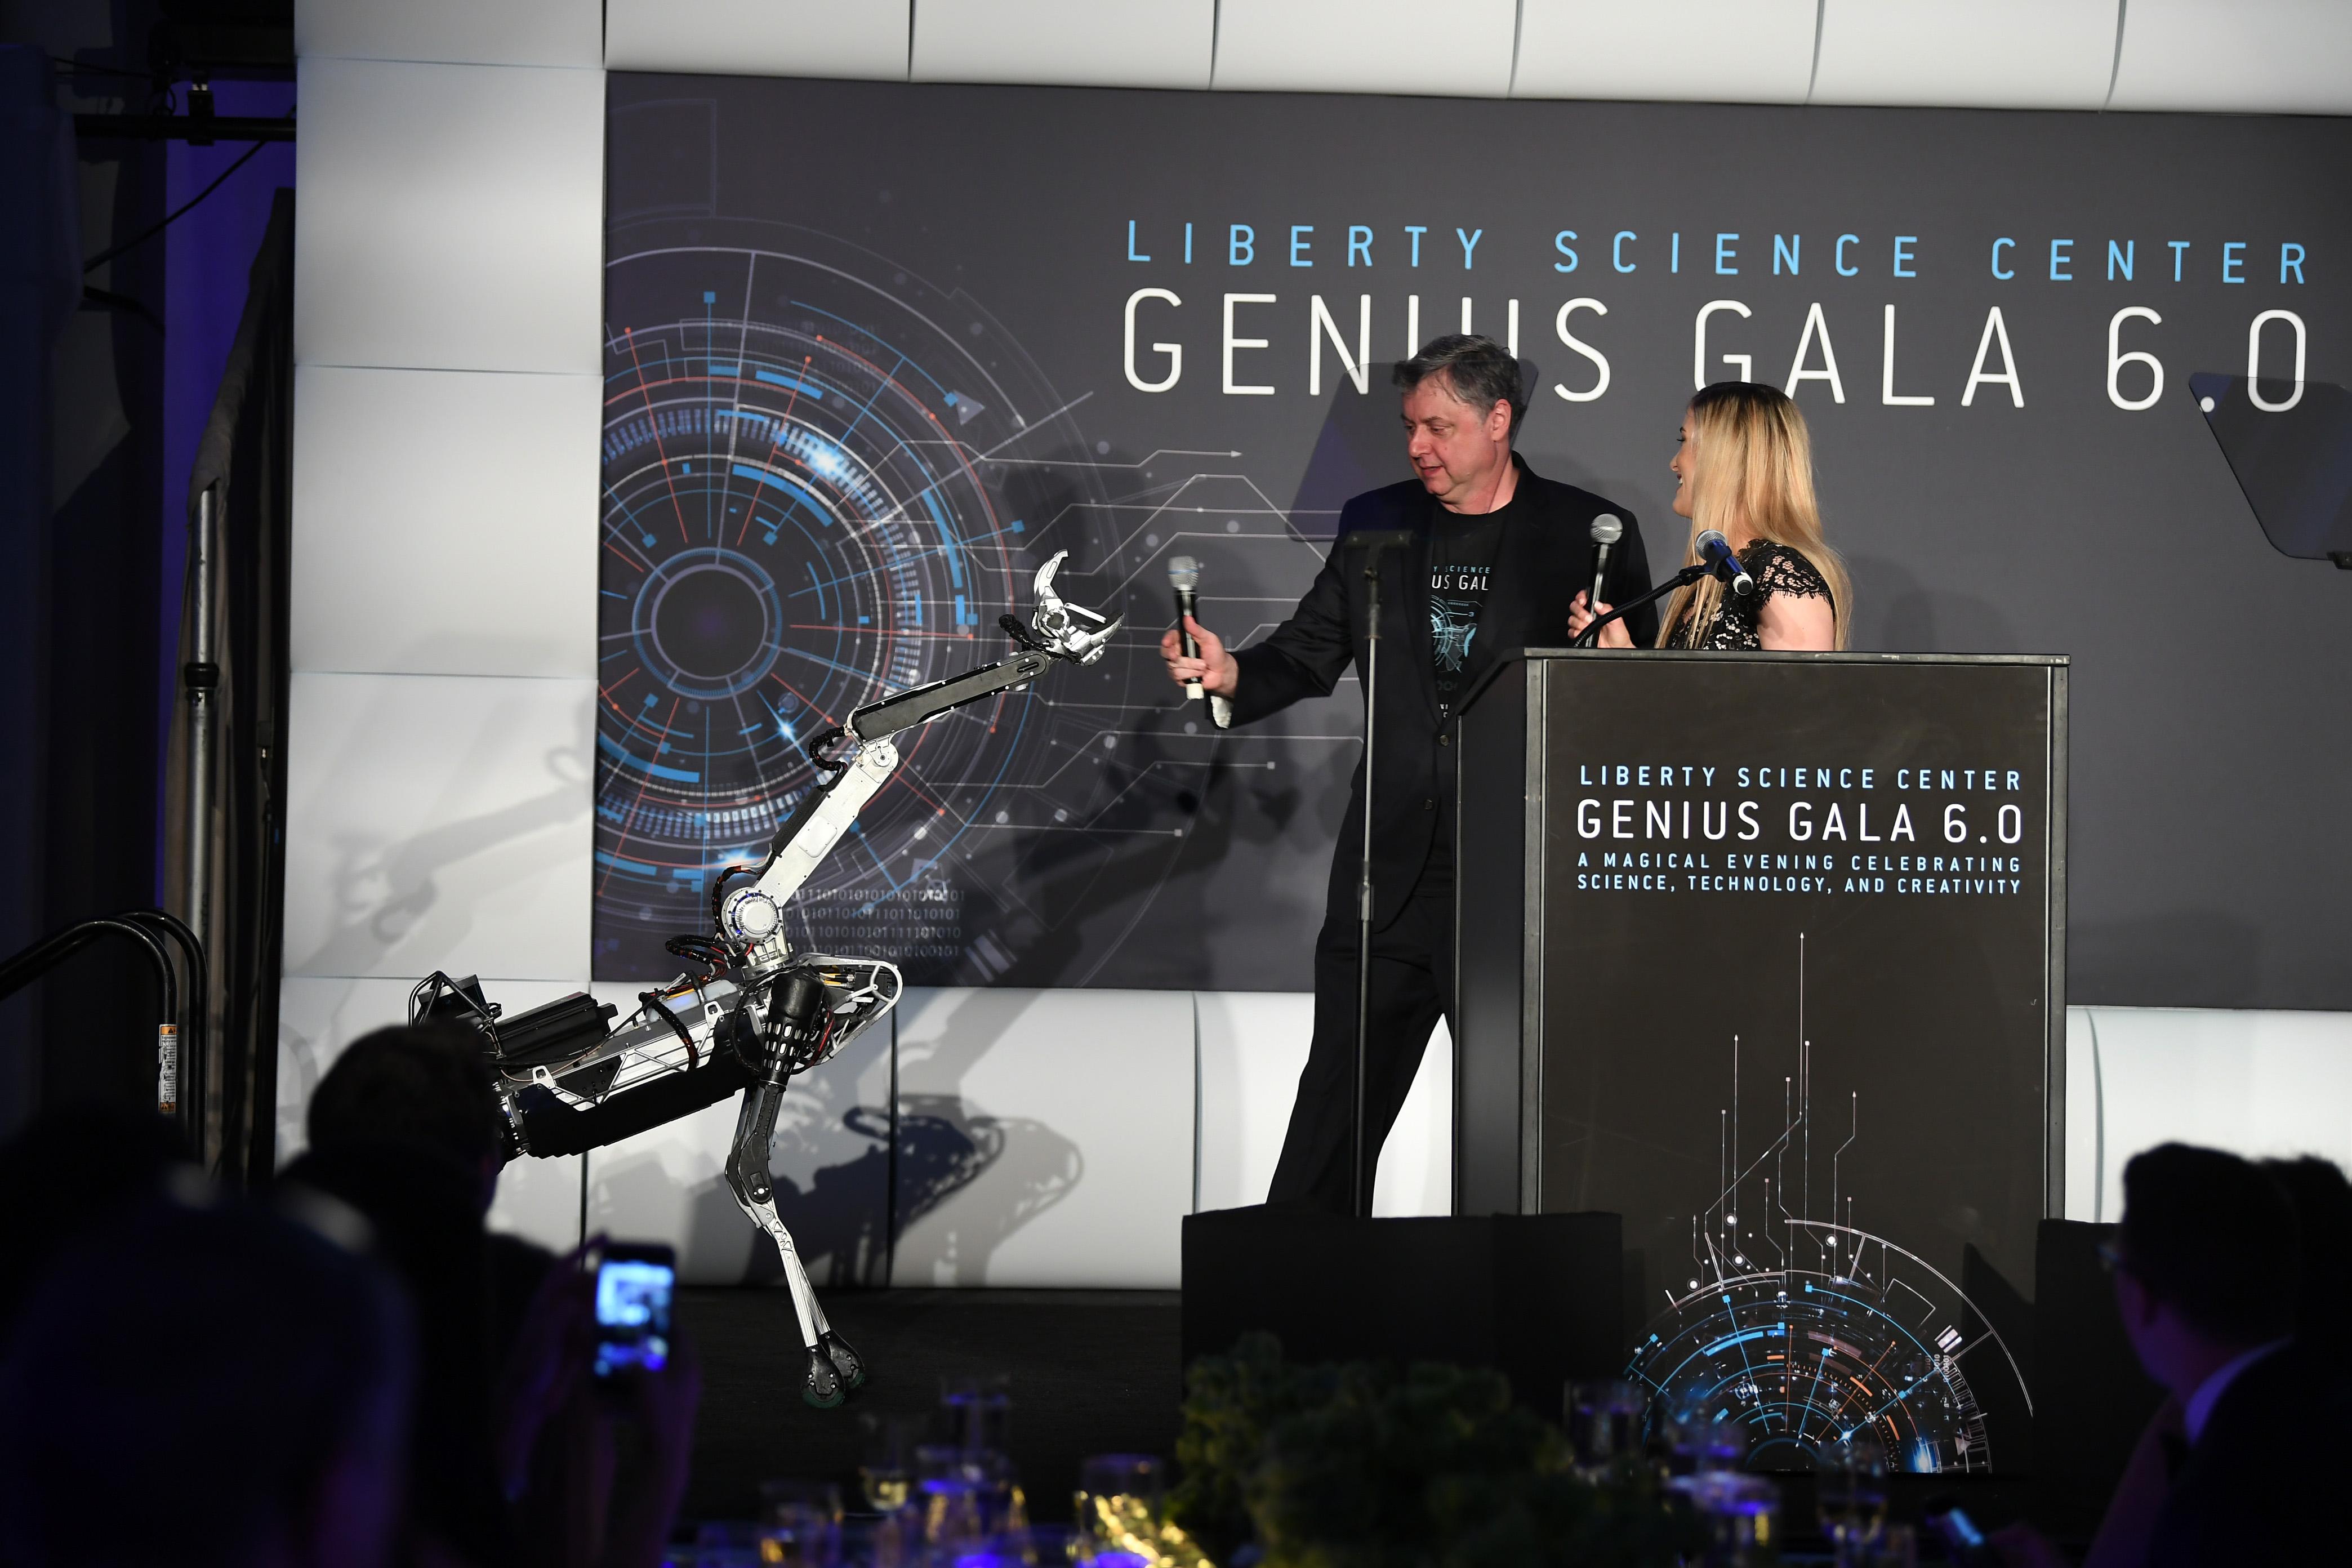 Genius Gala 6.0